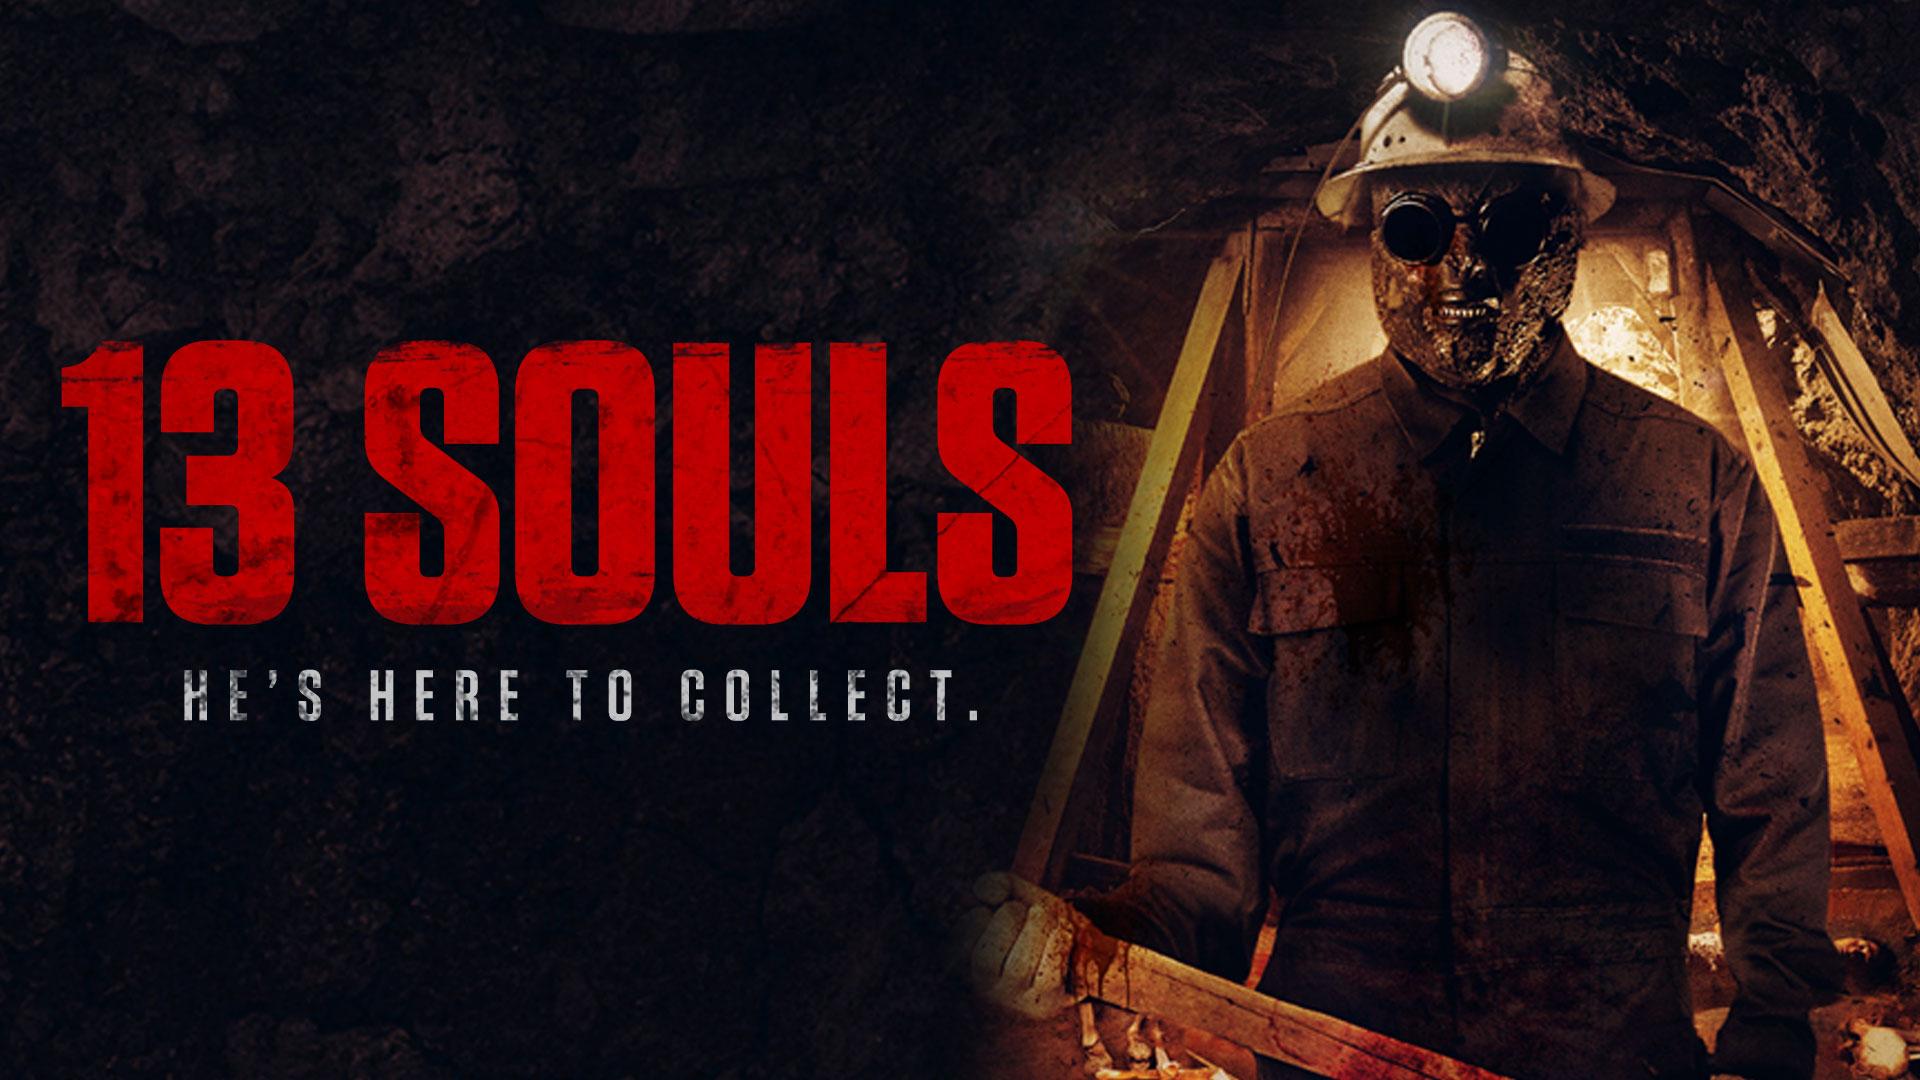 13 Souls